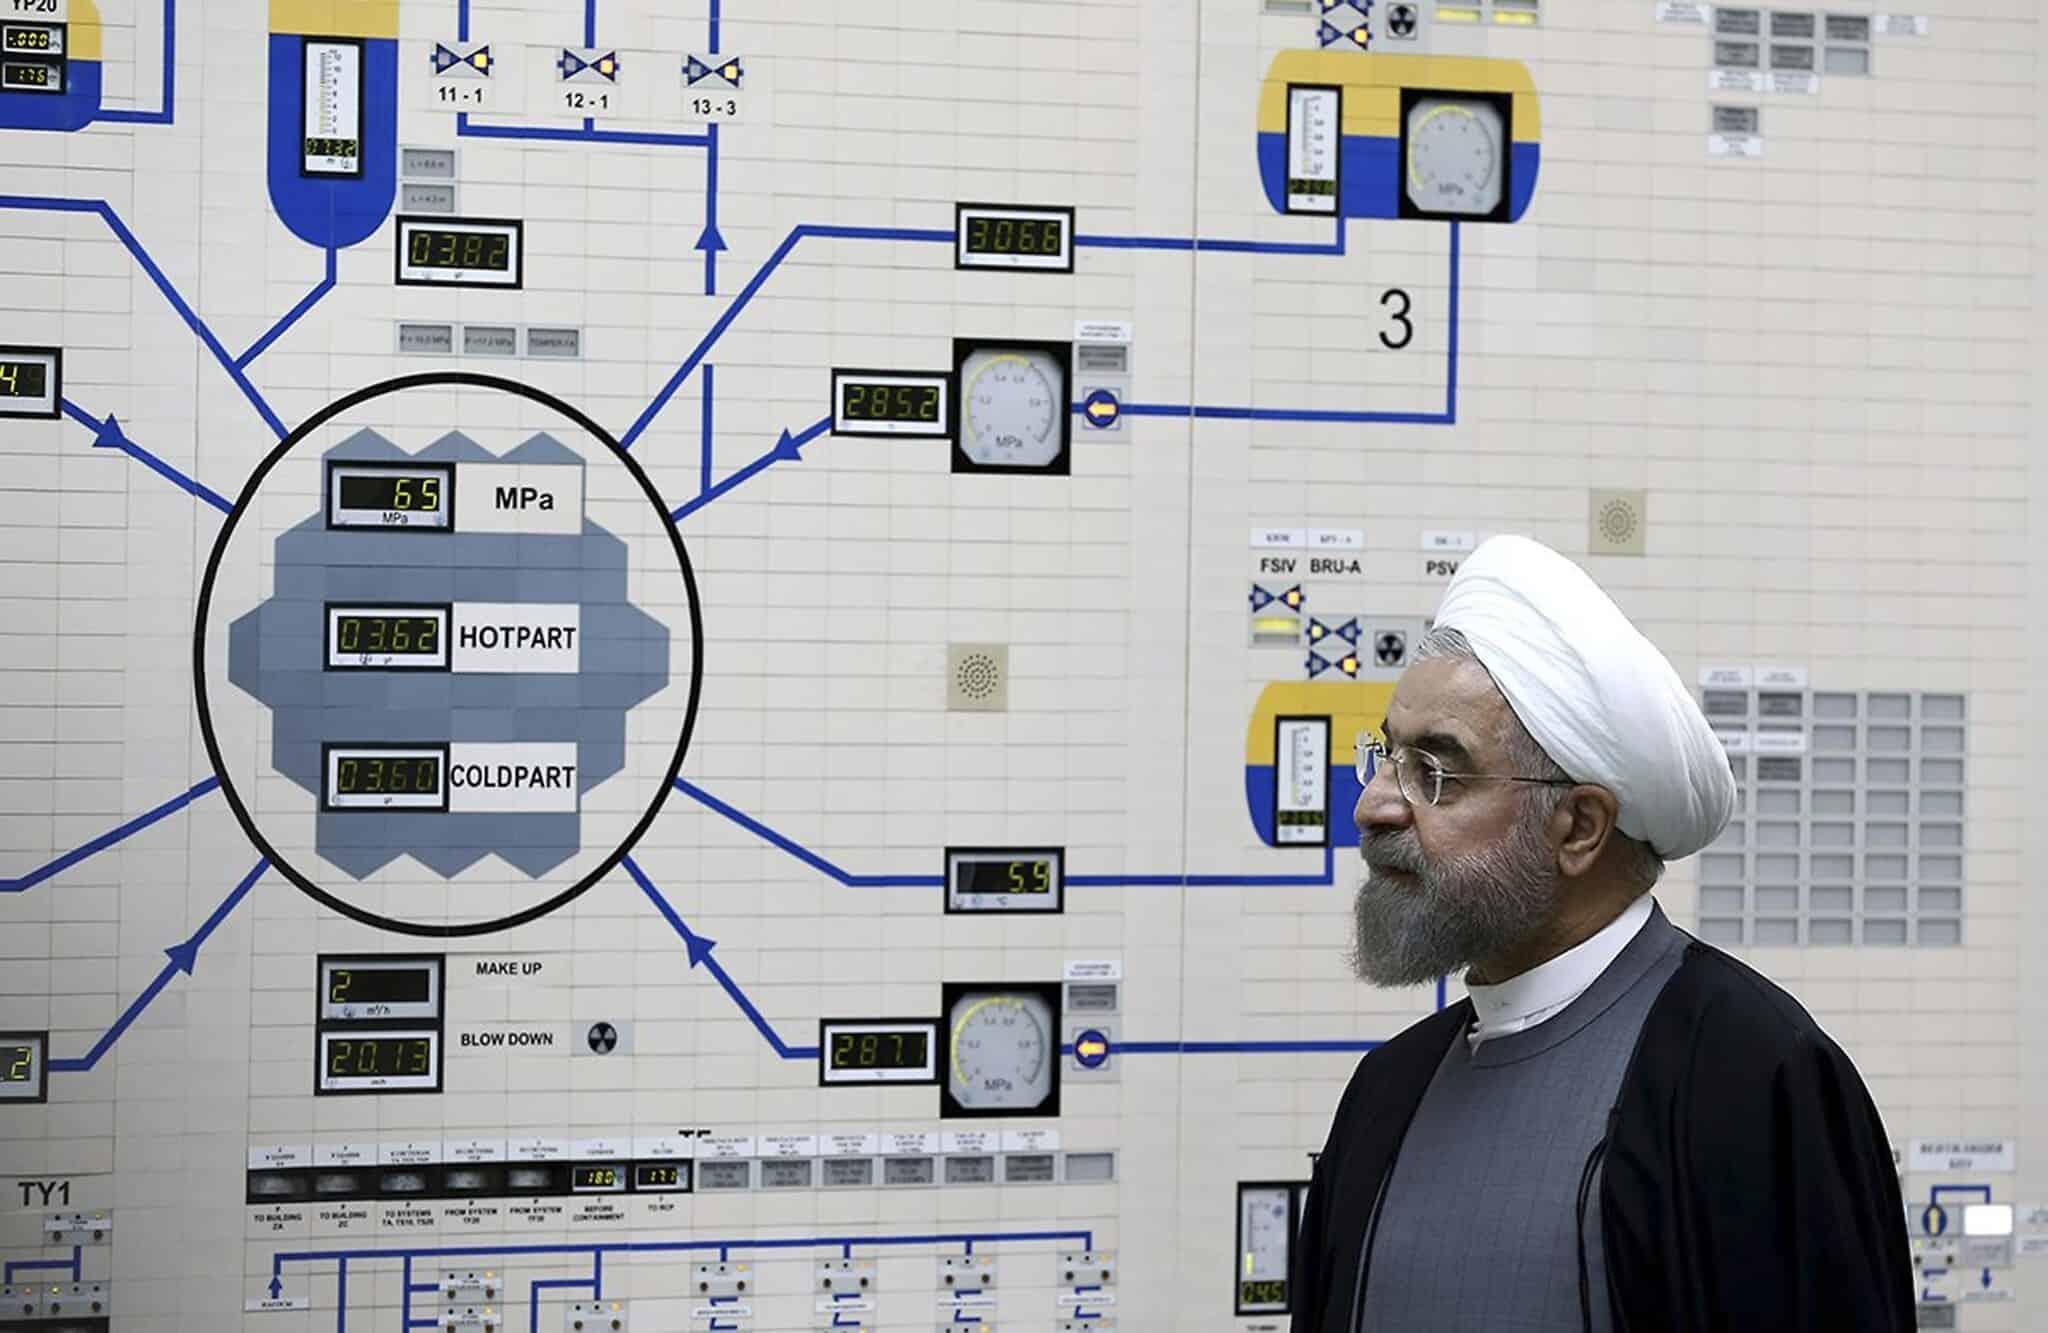 נשיא איראן חסן רוחאני מבקר בכור הגרעיני בבושאר, ב-13 בינואר 2015 (צילום: AP Photo/Iranian Presidency Office, Mohammad Berno)